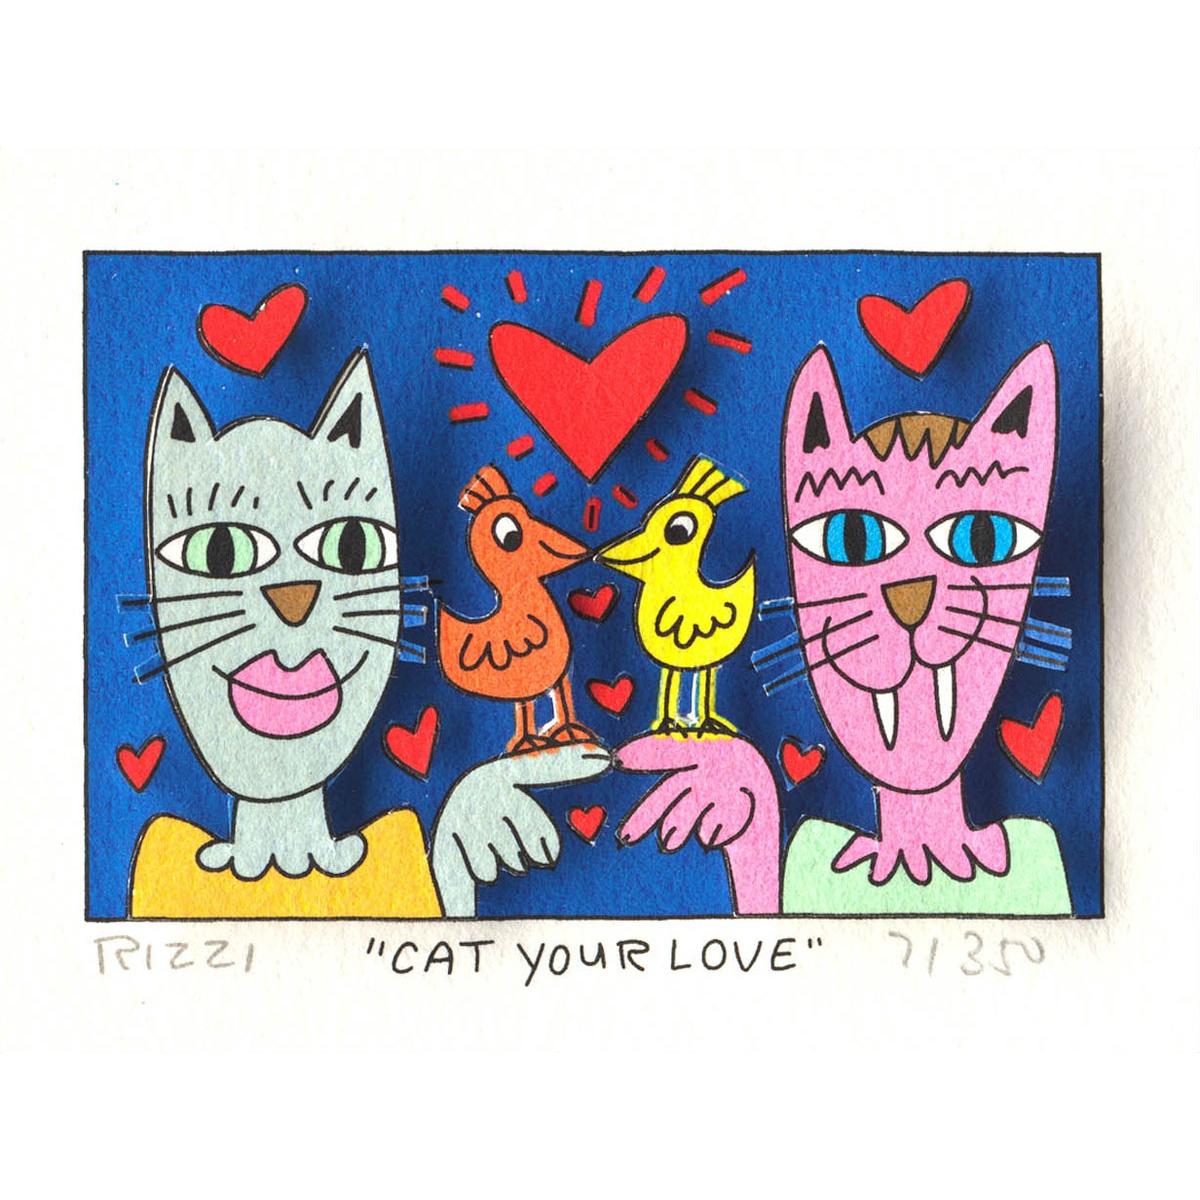 Cat your love von James Rizzi